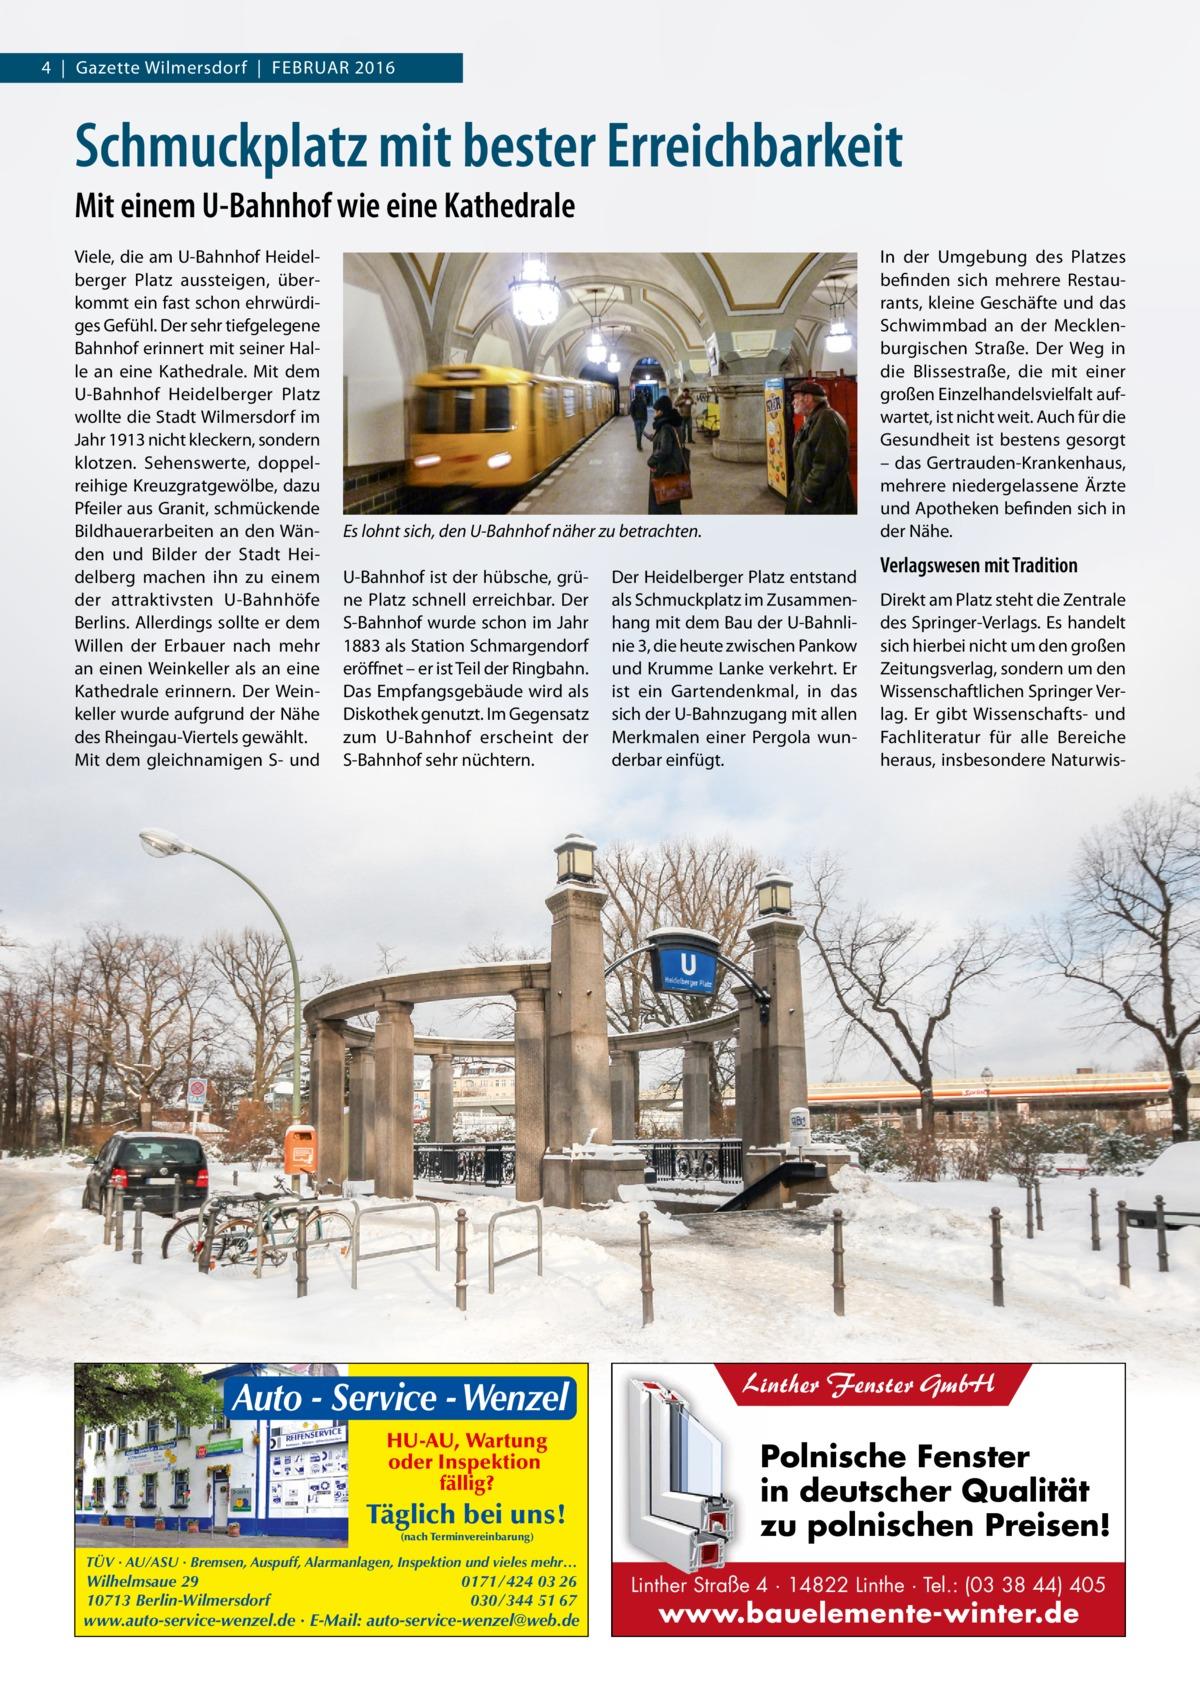 4 Gazette Wilmersdorf FebruAr 2016  Schmuckplatz mit bester Erreichbarkeit Mit einem U-Bahnhof wie eine Kathedrale Viele, die am u-bahnhof Heidelberger Platz aussteigen, überkommt ein fast schon ehrwürdiges Gefühl. Der sehr tiefgelegene bahnhof erinnert mit seiner Halle an eine Kathedrale. Mit dem u-bahnhof Heidelberger Platz wollte die Stadt Wilmersdorf im Jahr 1913 nicht kleckern, sondern klotzen. Sehenswerte, doppelreihige Kreuzgratgewölbe, dazu Pfeiler aus Granit, schmückende bildhauerarbeiten an den Wänden und bilder der Stadt Heidelberg machen ihn zu einem der attraktivsten u-bahnhöfe berlins. Allerdings sollte er dem Willen der erbauer nach mehr an einen Weinkeller als an eine Kathedrale erinnern. Der Weinkeller wurde aufgrund der Nähe des rheingau-Viertels gewählt. Mit dem gleichnamigen S- und  In der umgebung des Platzes befinden sich mehrere restaurants, kleine Geschäfte und das Schwimmbad an der Mecklenburgischen Straße. Der Weg in die blissestraße, die mit einer großen einzelhandelsvielfalt aufwartet, ist nicht weit. Auch für die Gesundheit ist bestens gesorgt – das Gertrauden-Krankenhaus, mehrere niedergelassene Ärzte und Apotheken befinden sich in der Nähe.  Es lohnt sich, den U-Bahnhof näher zu betrachten. u-bahnhof ist der hübsche, grüne Platz schnell erreichbar. Der S-bahnhof wurde schon im Jahr 1883 als Station Schmargendorf eröffnet – er ist Teil der ringbahn. Das empfangsgebäude wird als Diskothek genutzt. Im Gegensatz zum u-bahnhof erscheint der S-bahnhof sehr nüchtern.  Auto - Service - Wenzel HU-AU, Wartung oder Inspektion fällig?  Täglich bei uns! (nach Terminvereinbarung)  Der Heidelberger Platz entstand als Schmuckplatz im Zusammenhang mit dem bau der u-bahnlinie 3, die heute zwischen Pankow und Krumme Lanke verkehrt. er ist ein Gartendenkmal, in das sich der u-bahnzugang mit allen Merkmalen einer Pergola wunderbar einfügt.  Verlagswesen mit Tradition Direkt am Platz steht die Zentrale des Springer-Verlags. es handelt sich hierbei nicht um 